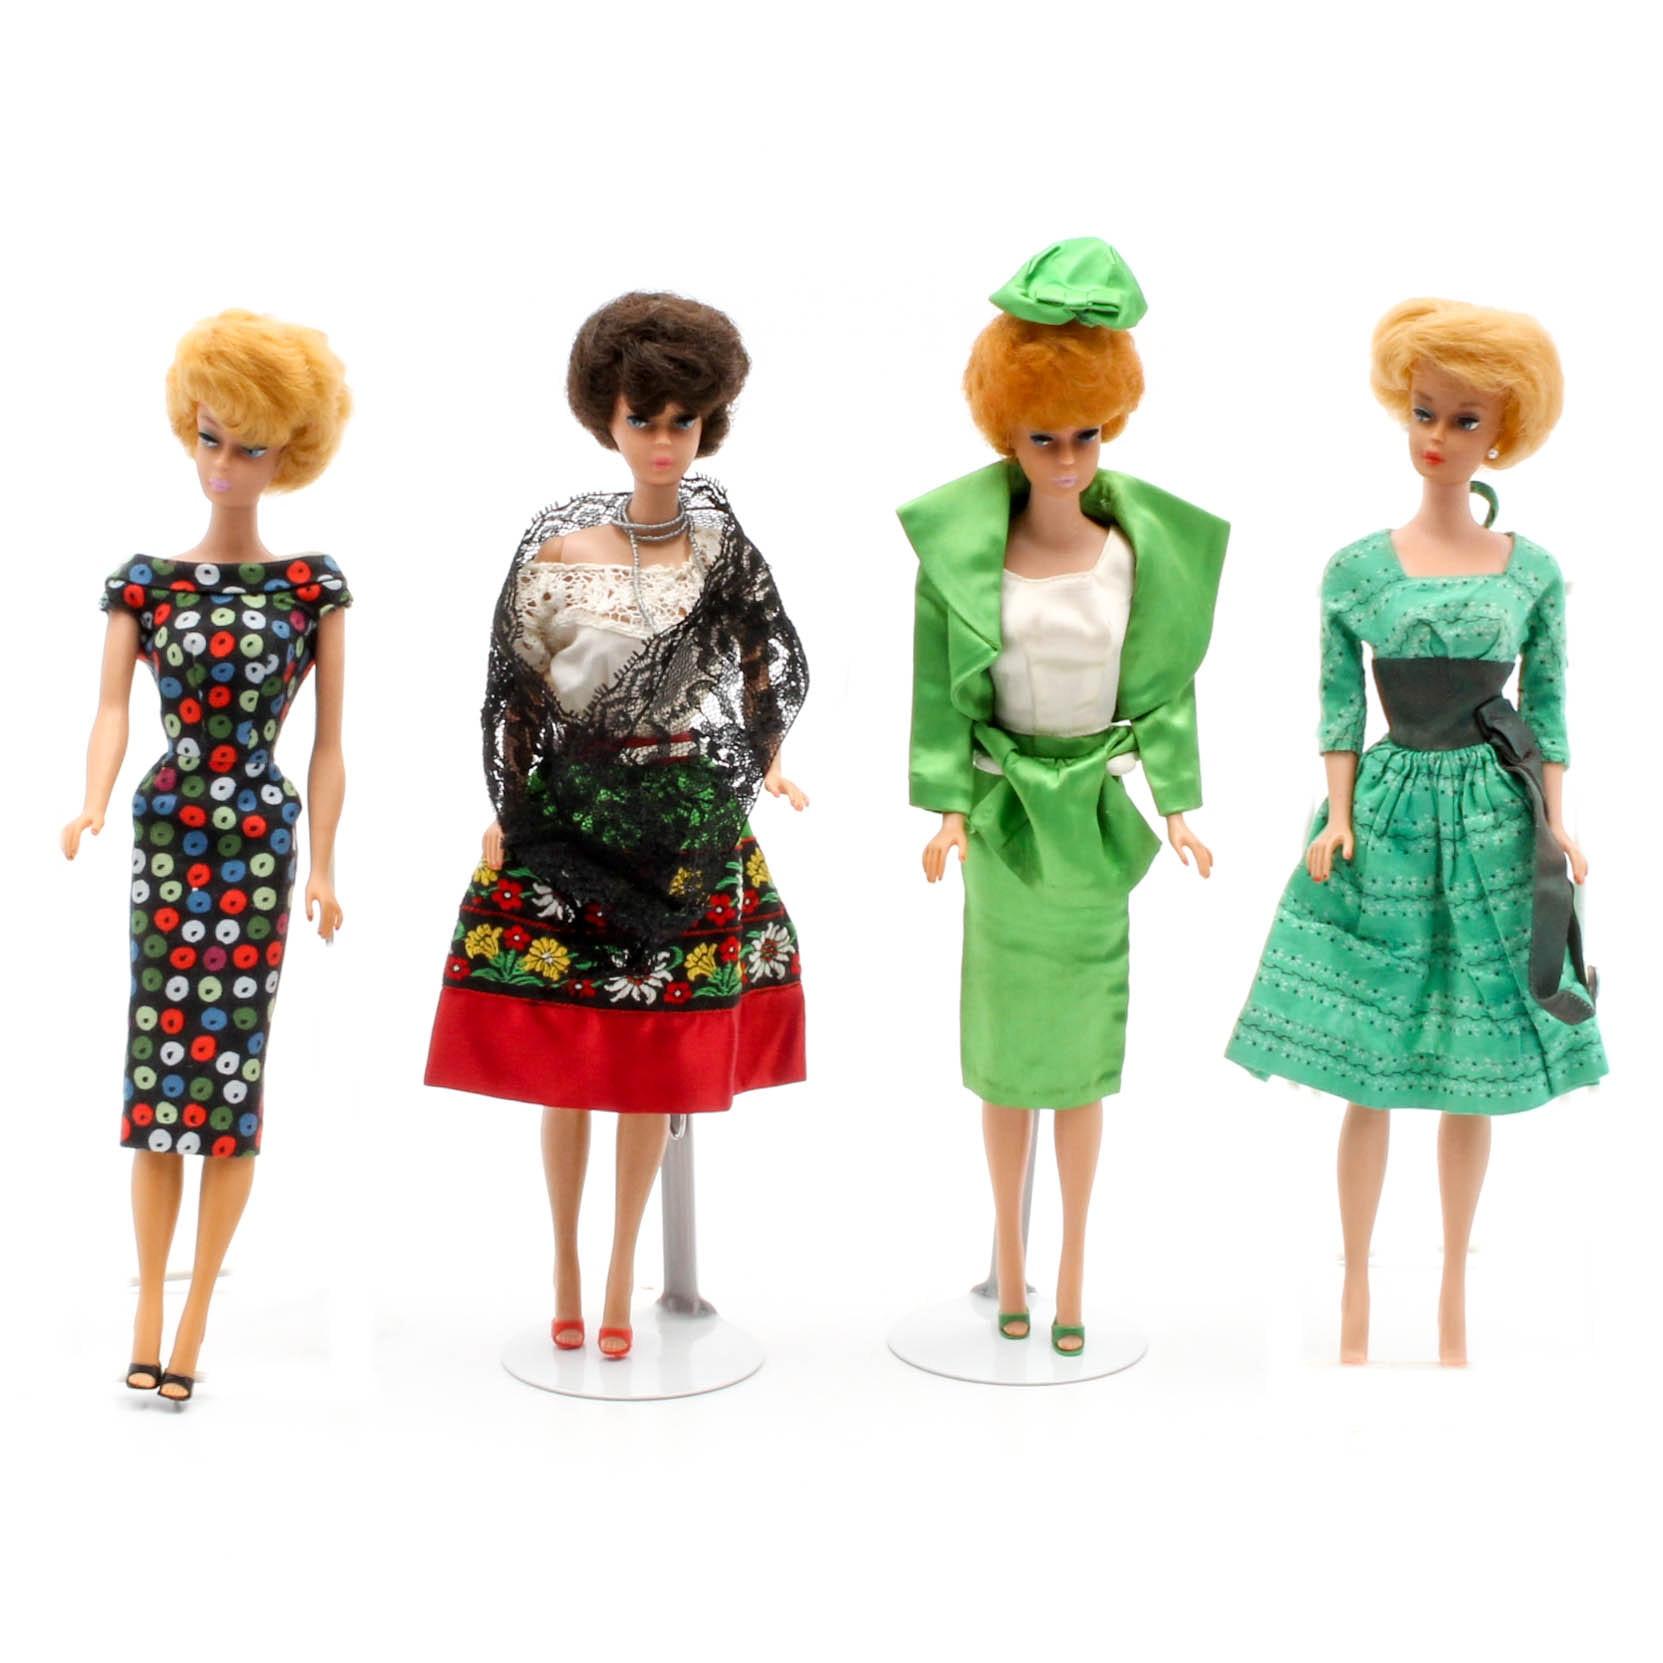 """Vintage Mattel """"Bubblecut"""" Barbie Dolls"""